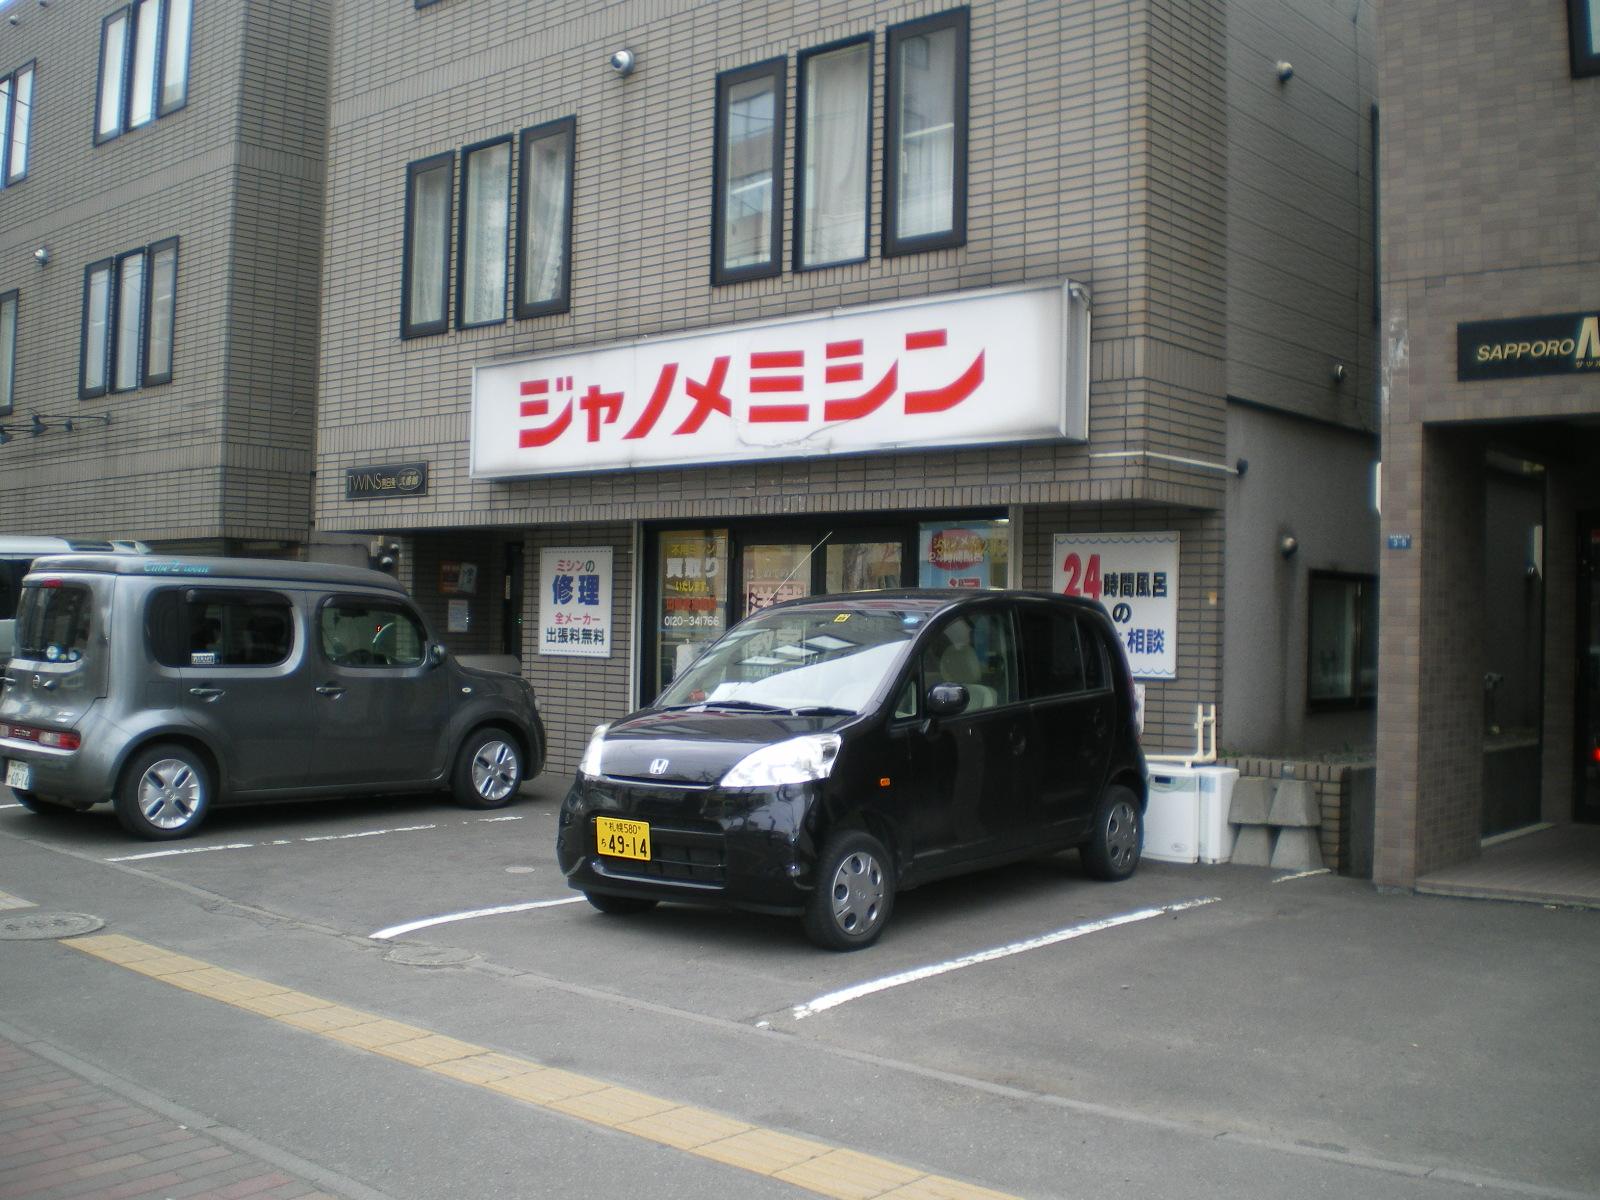 ミシン販売修理:ミシンショップ・イヴ札幌中央店 北海道 札幌市